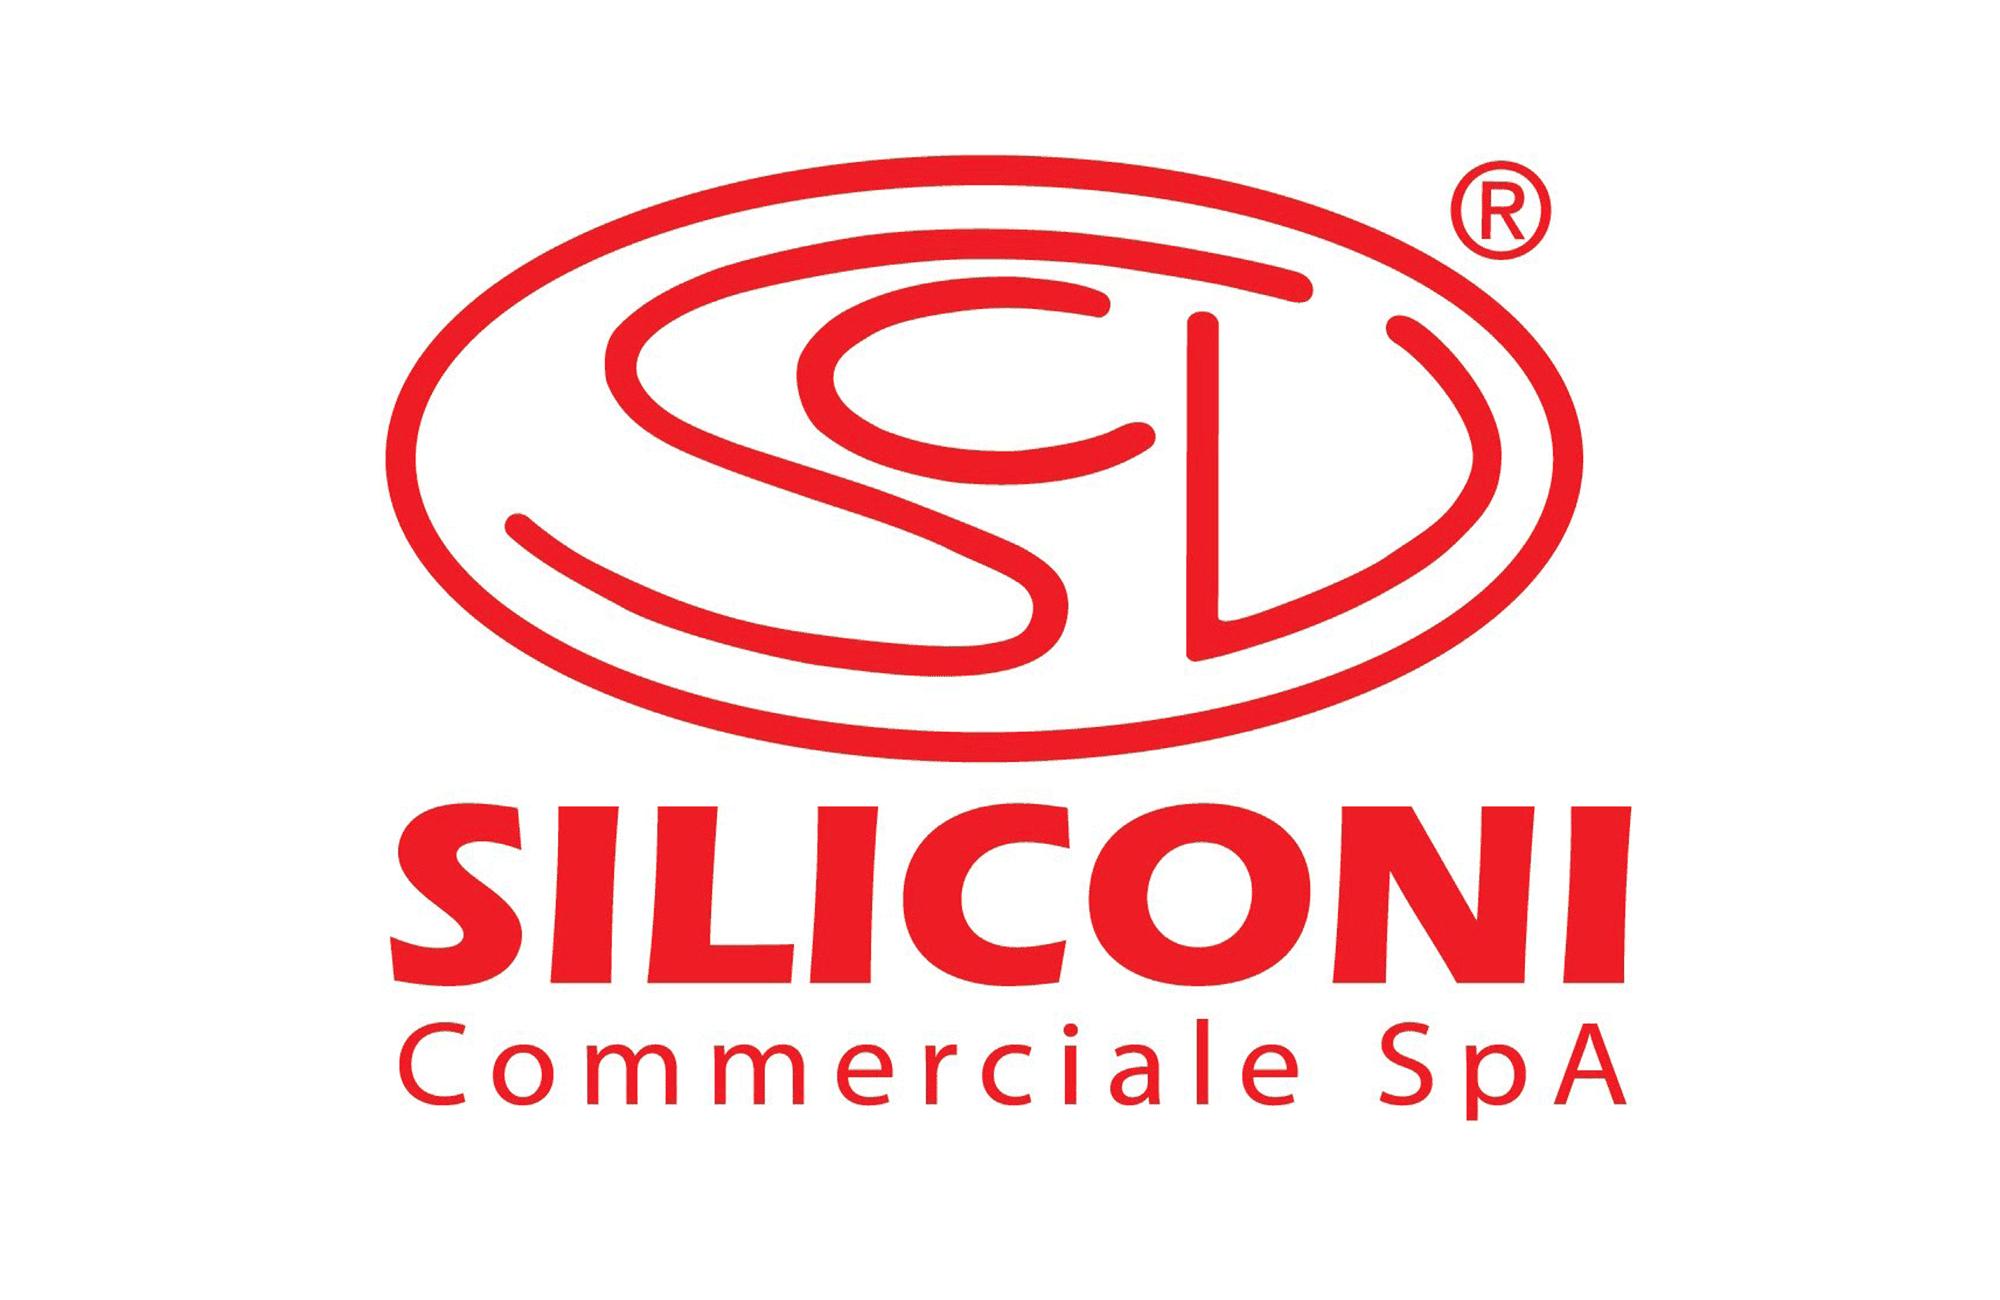 Siliconi chính hãng